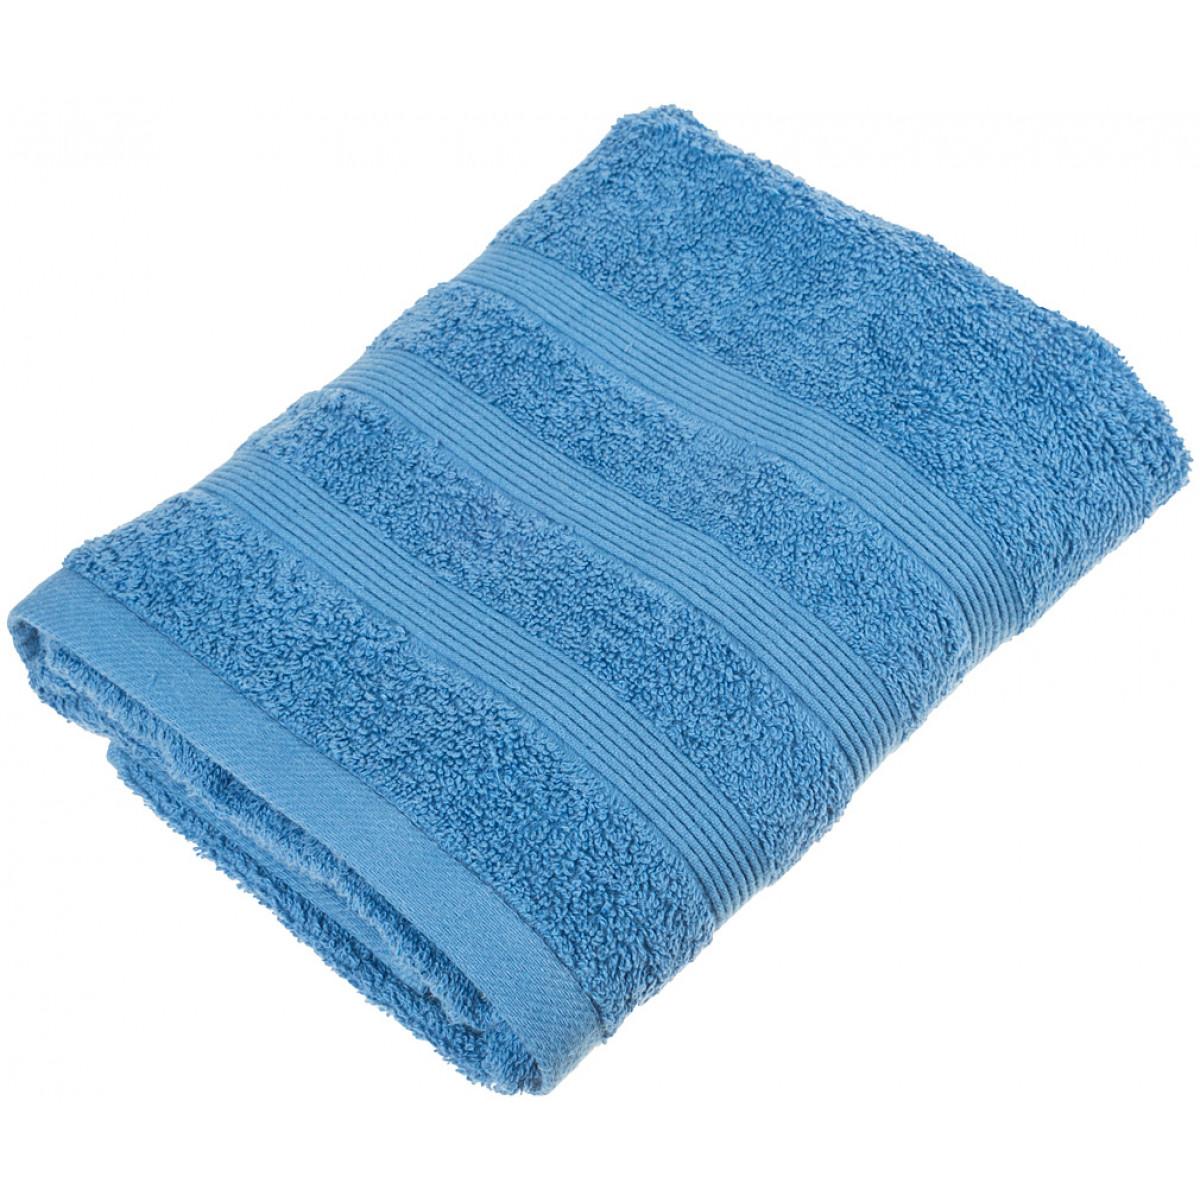 Полотенца Santalino Полотенце Allon  (50х90 см) василиса полотенце зигзаг артишок 50х90 см